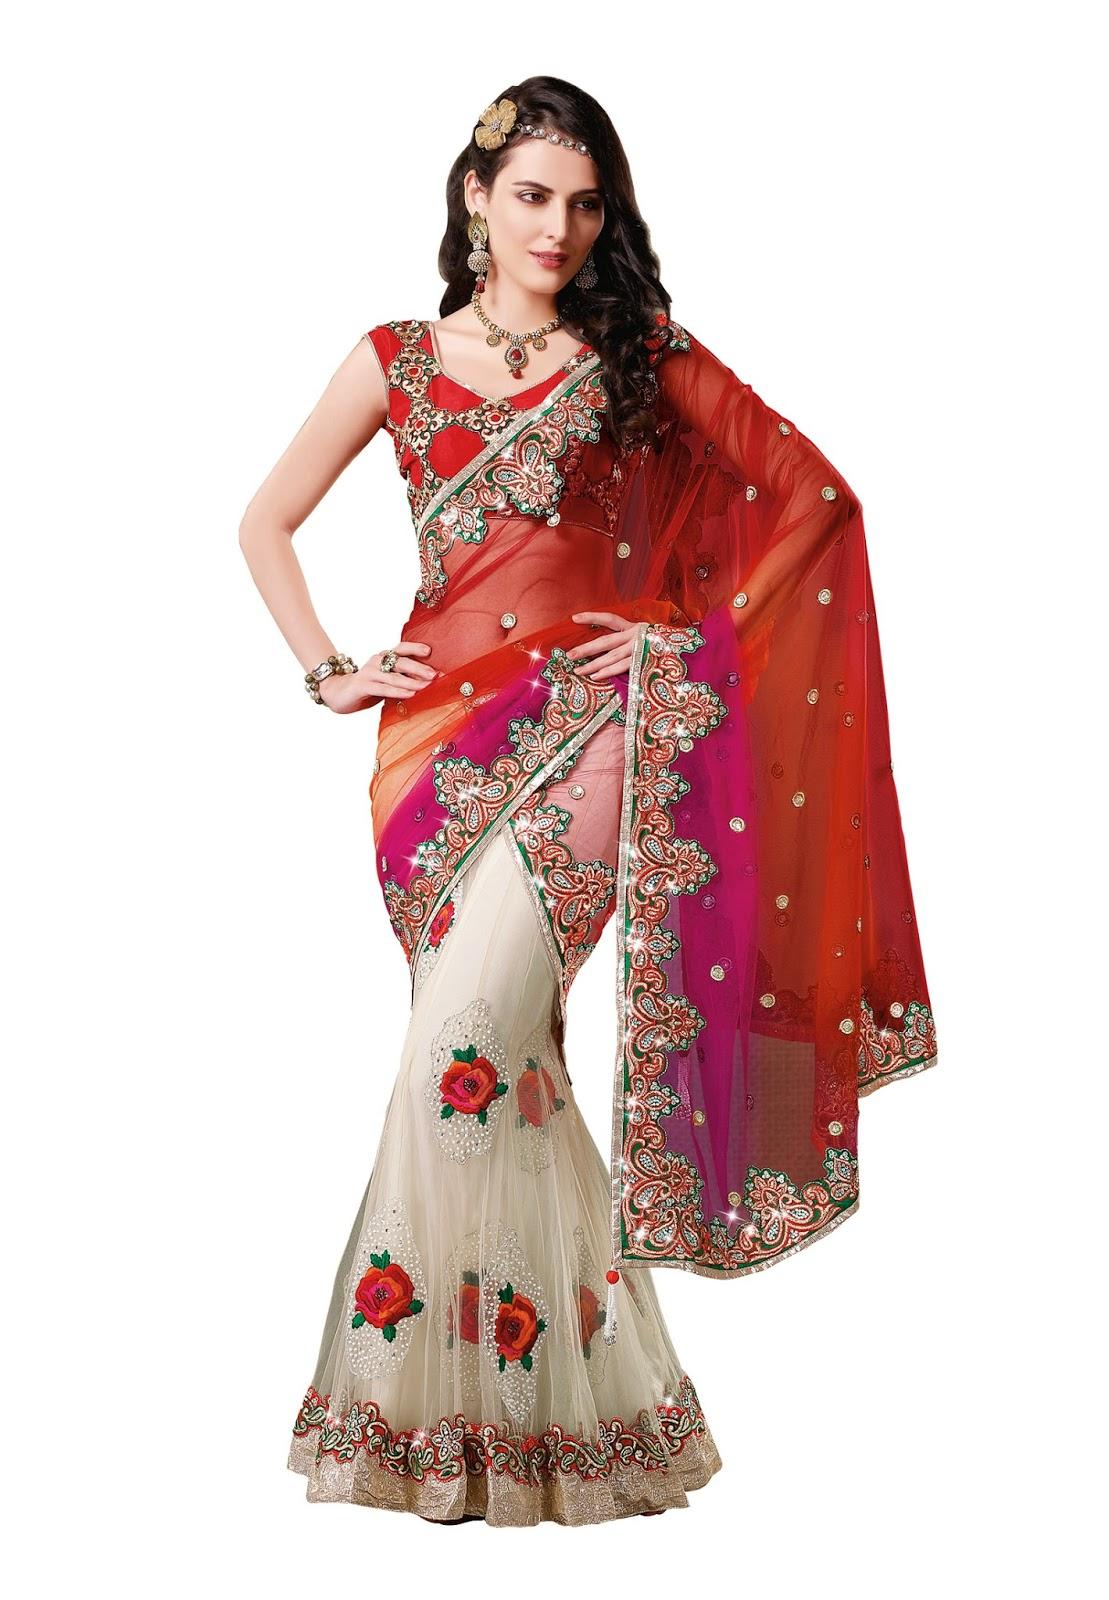 In Saree Tamanna In Himmatwala: Designer Sarees Online,Anarkali Suits Online,Indian Kurtis